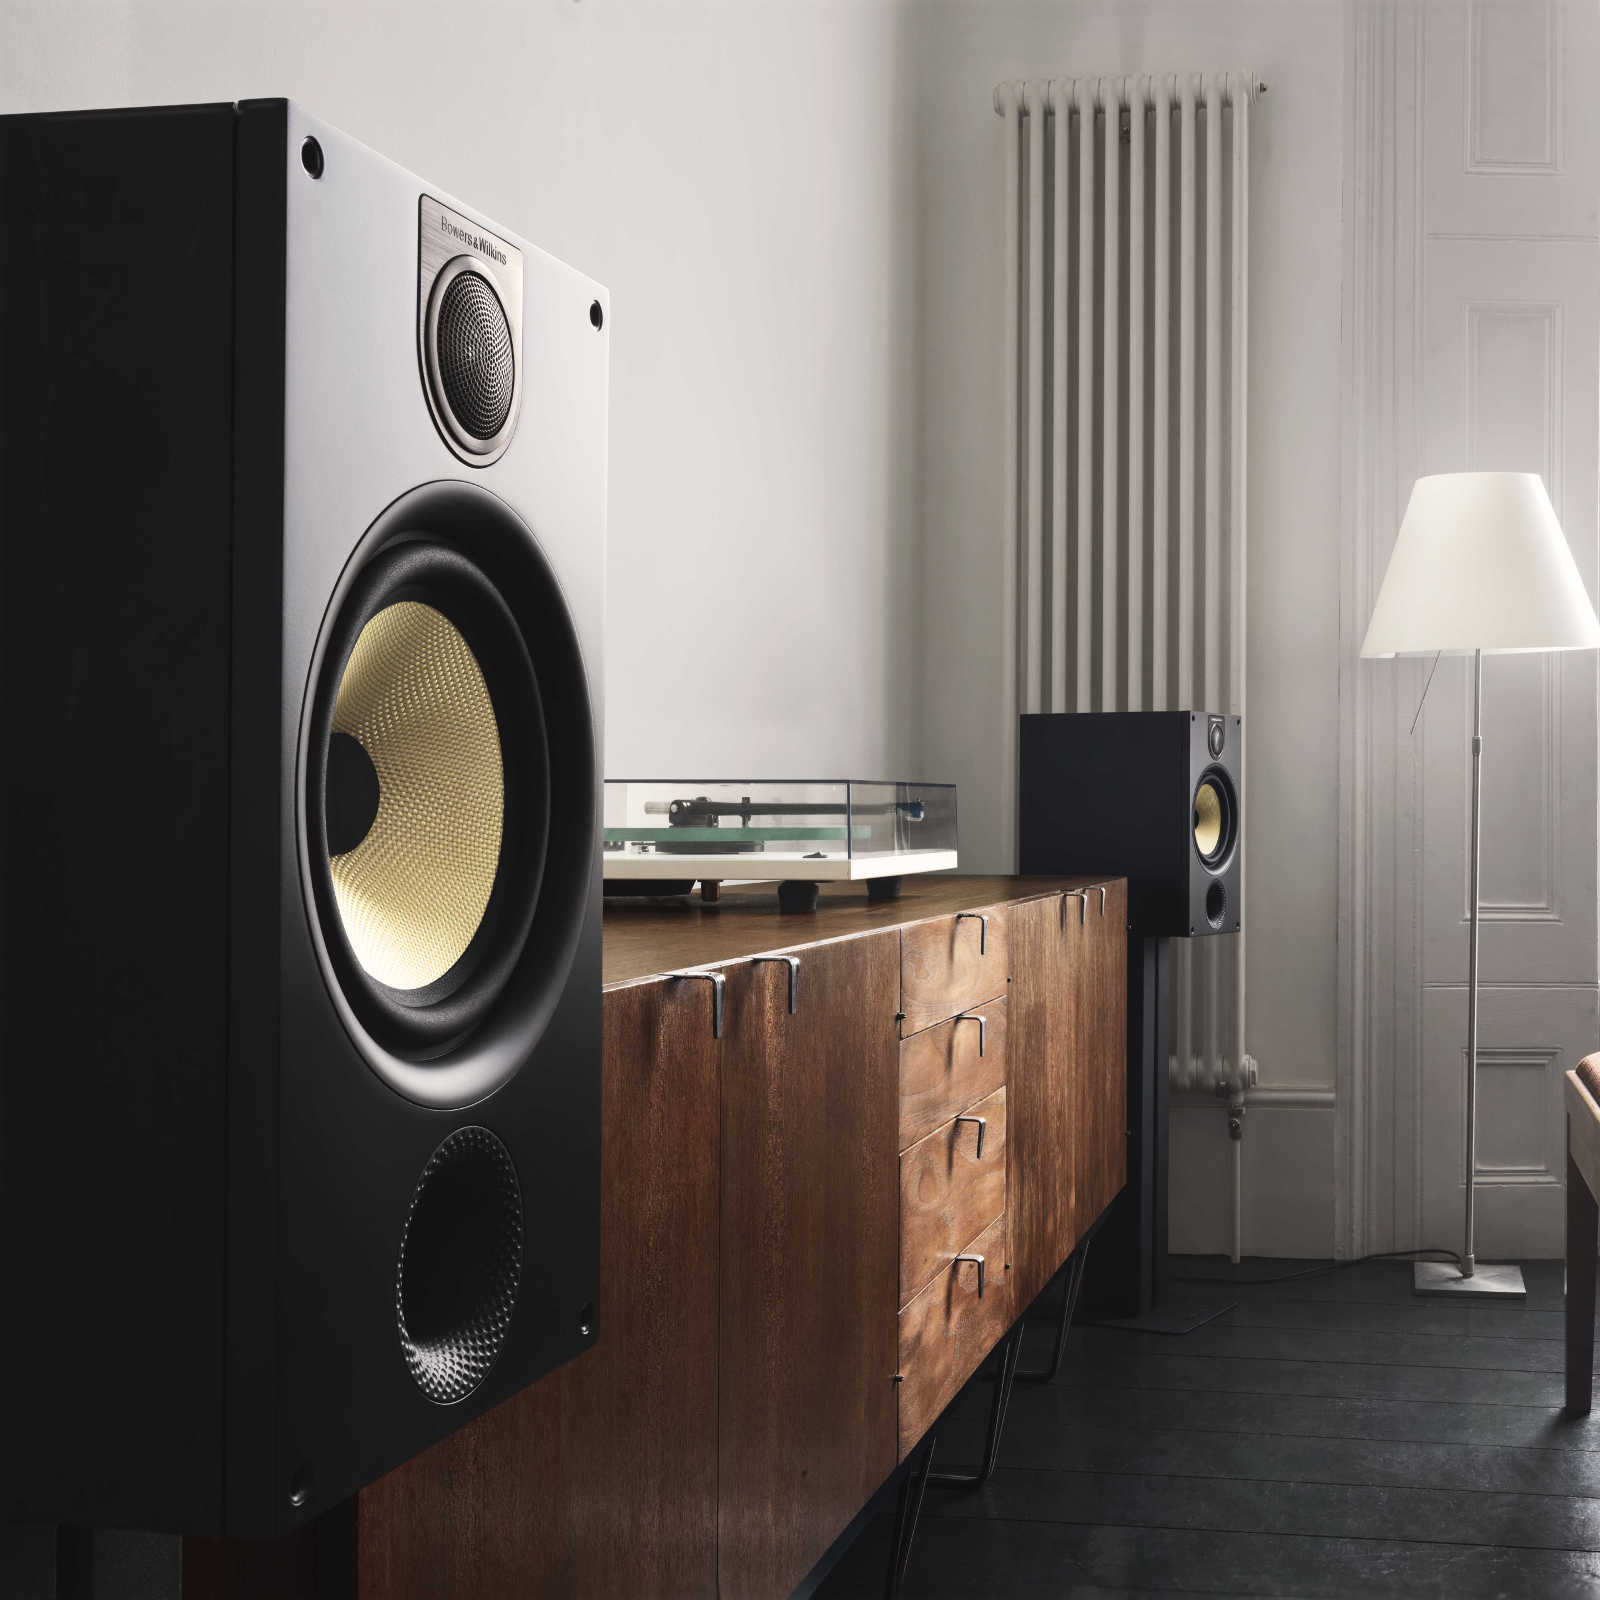 rotel ra 12 argent rt 12 argent b w 685 s2 black ash. Black Bedroom Furniture Sets. Home Design Ideas